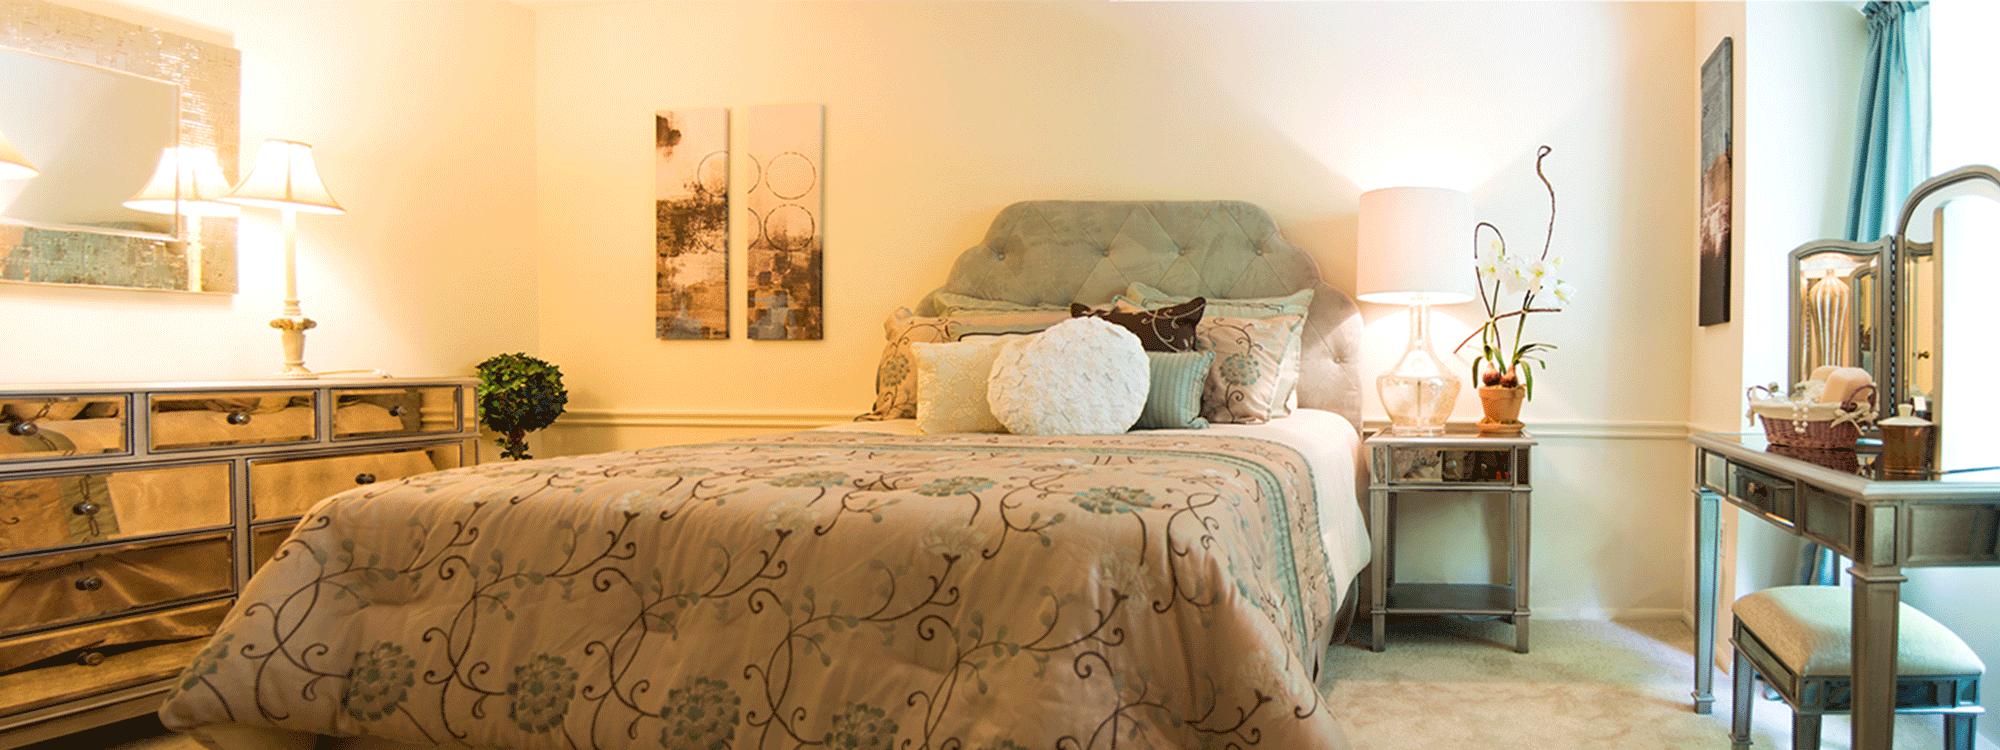 Fairway Hills Beautiful Bedroom